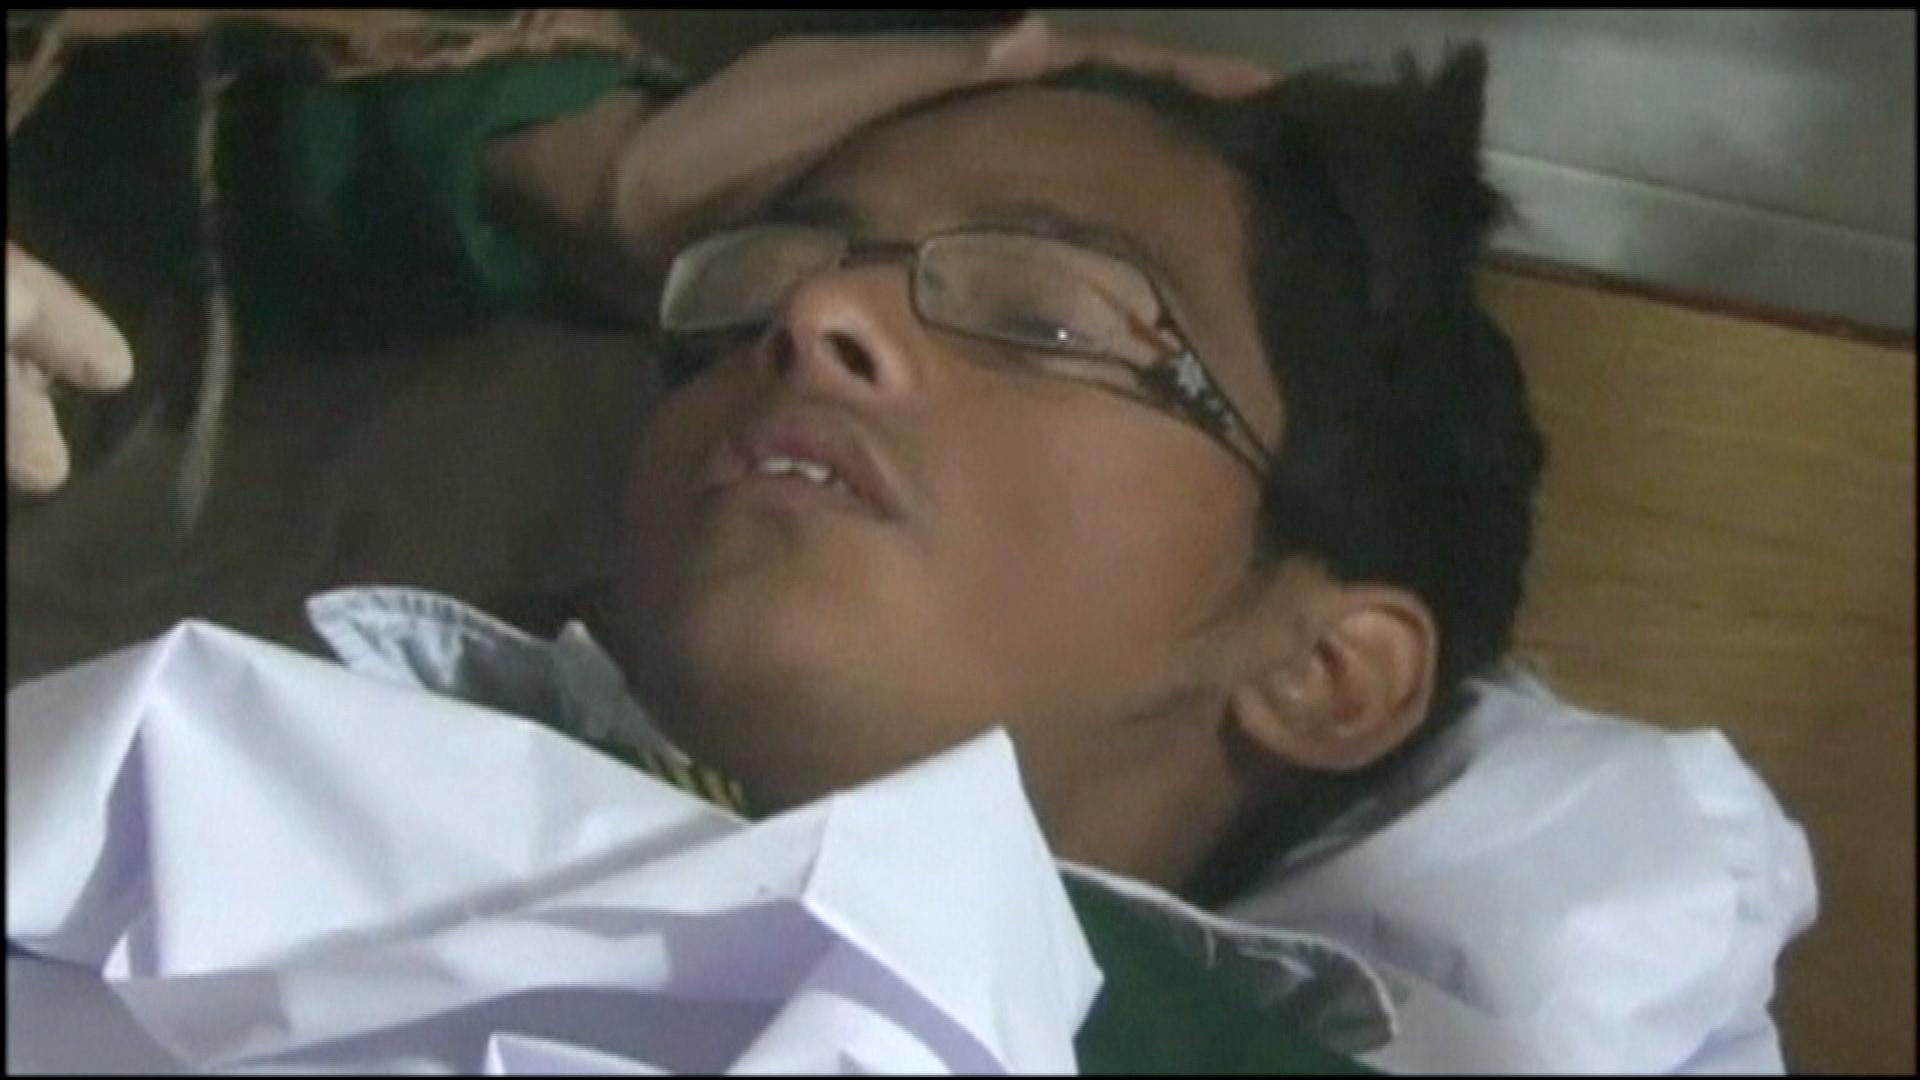 Pakistan School Attack: Taliban Militants Kill 126 in Peshawar, Take Hostages